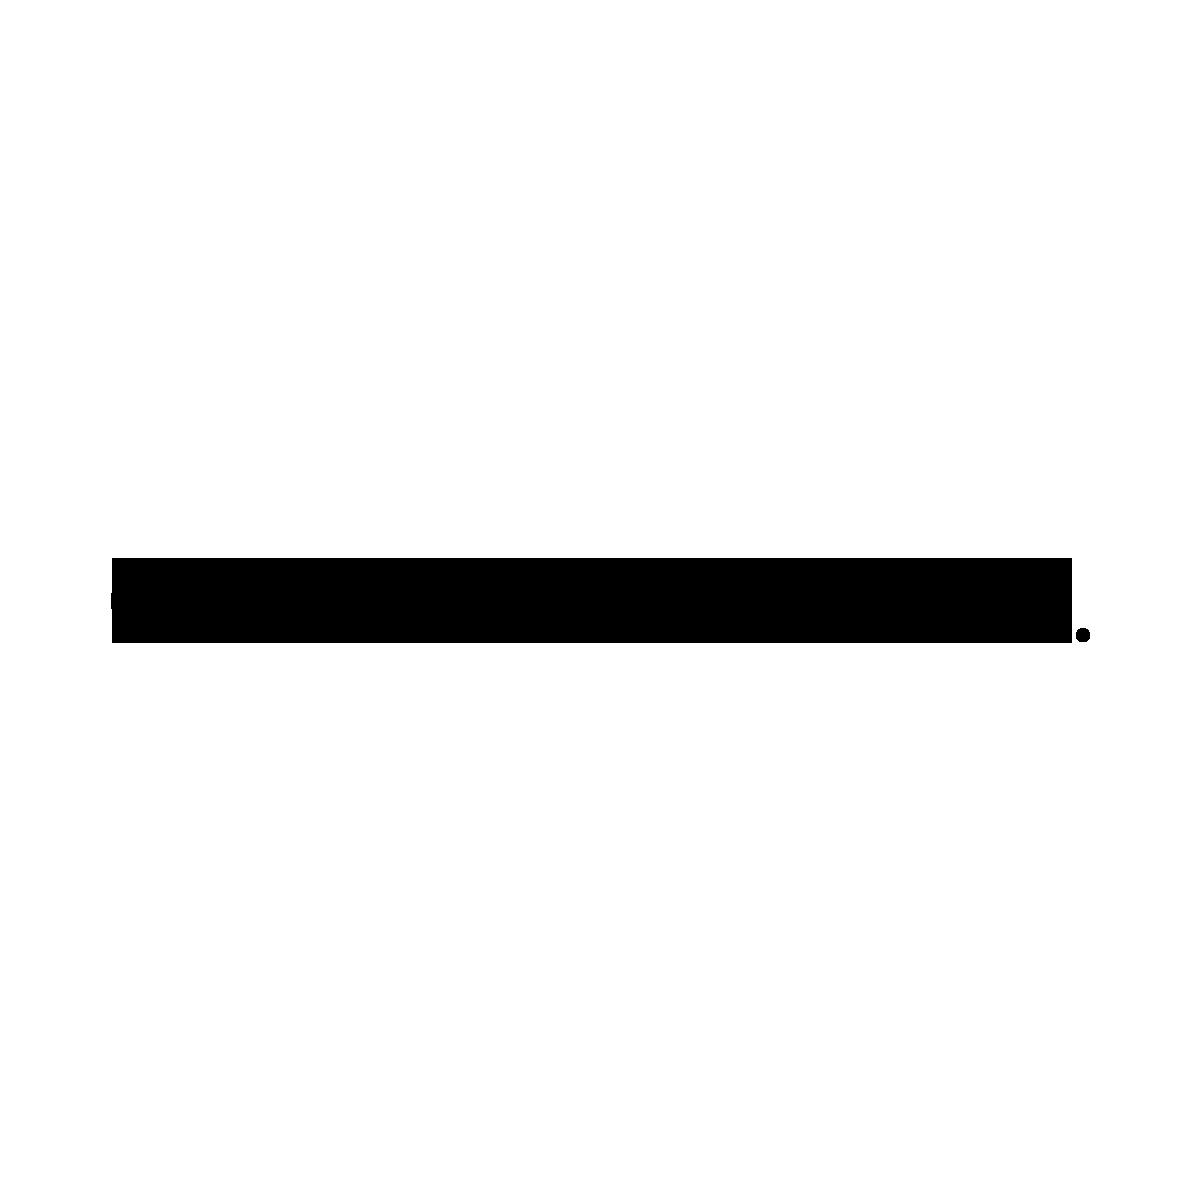 fred de la bretoniere ankle boot grey suede 153010010 packshot